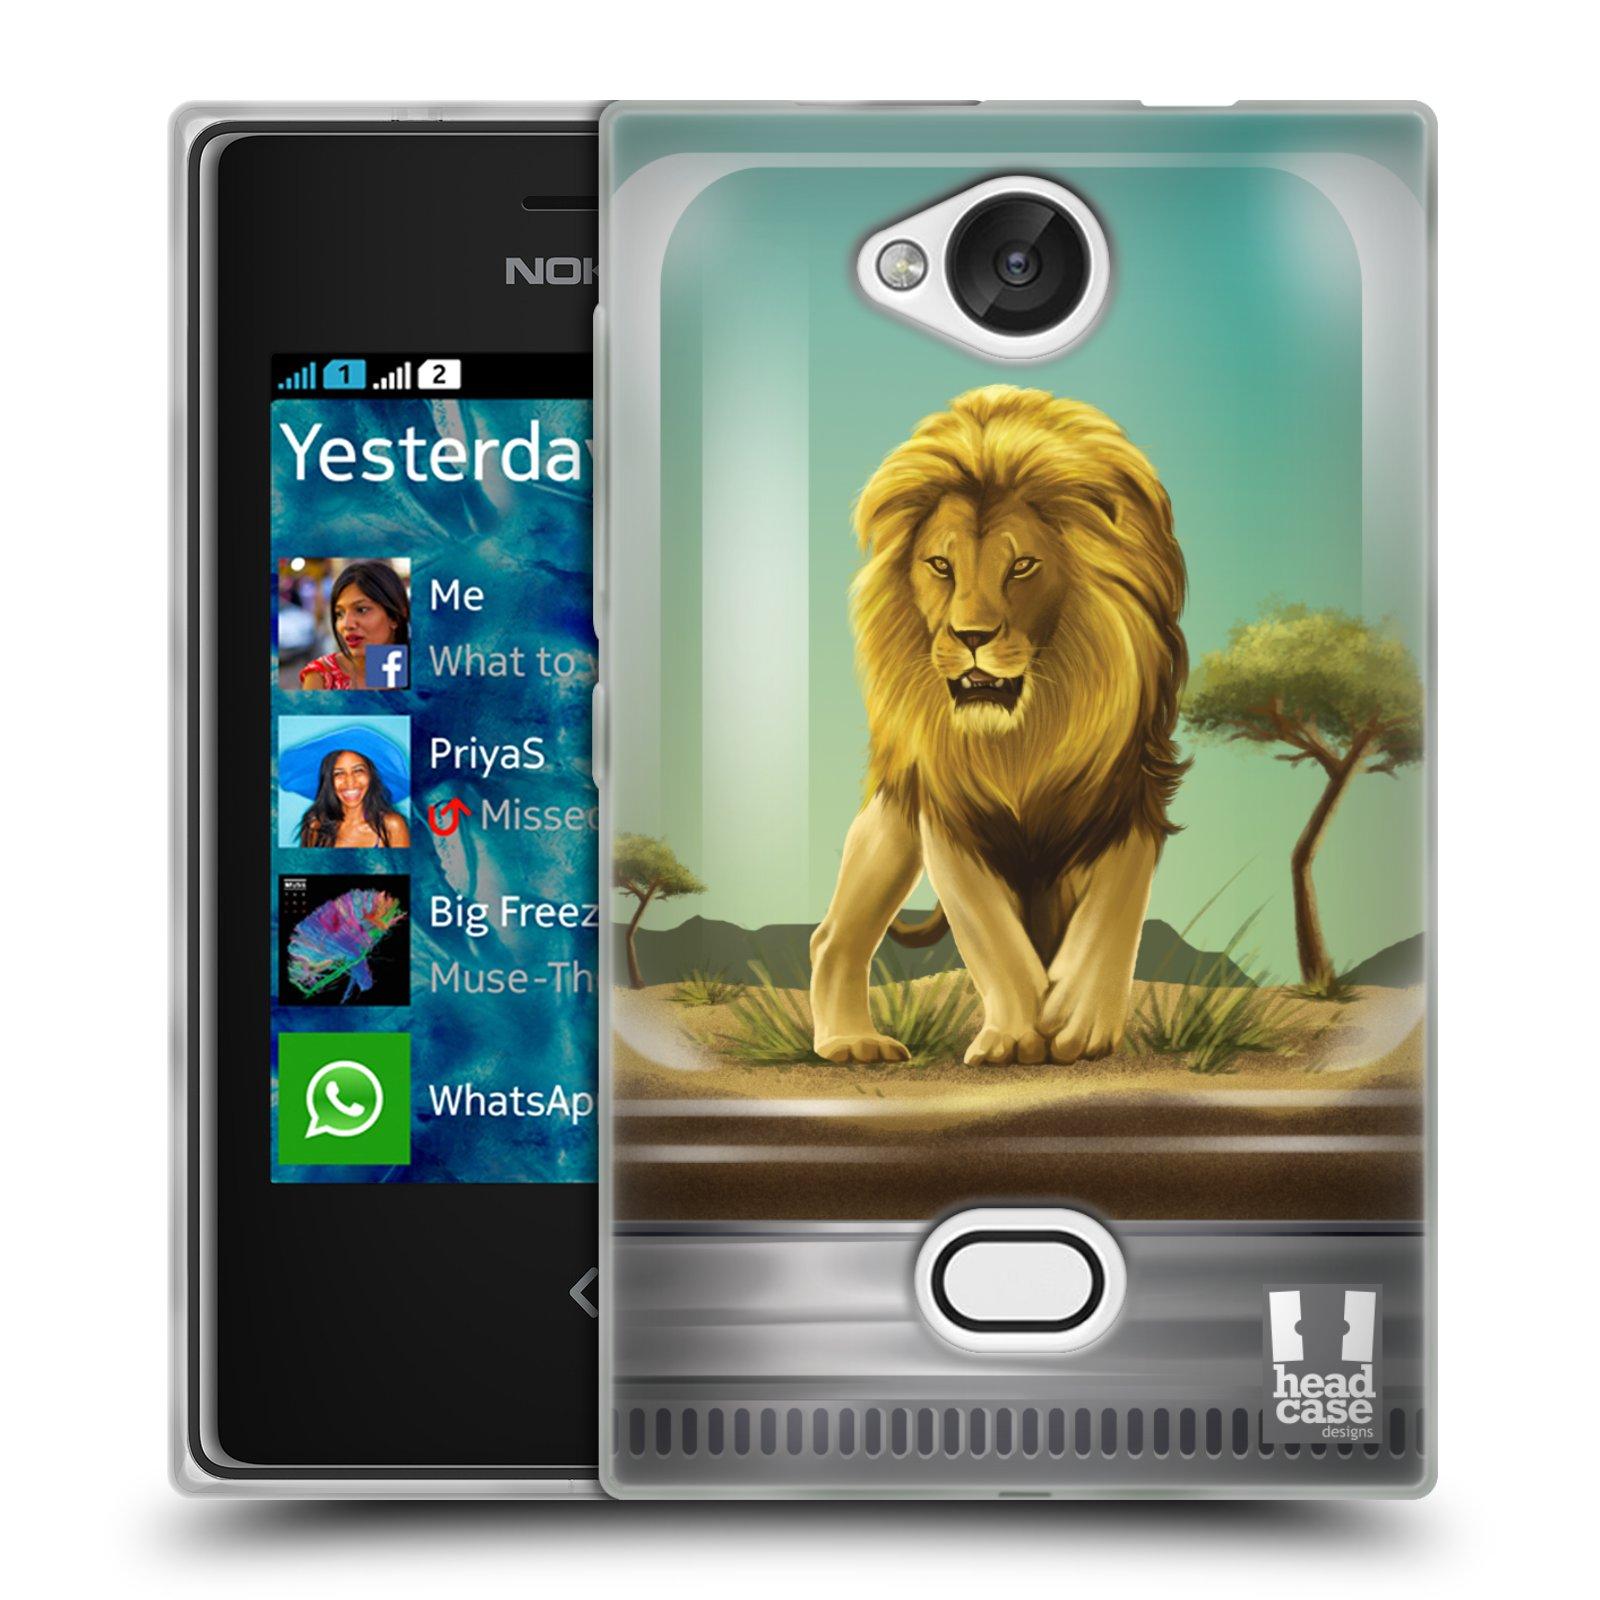 HEAD CASE silikonový obal na mobil NOKIA Asha 503 vzor Zvířátka v těžítku lev